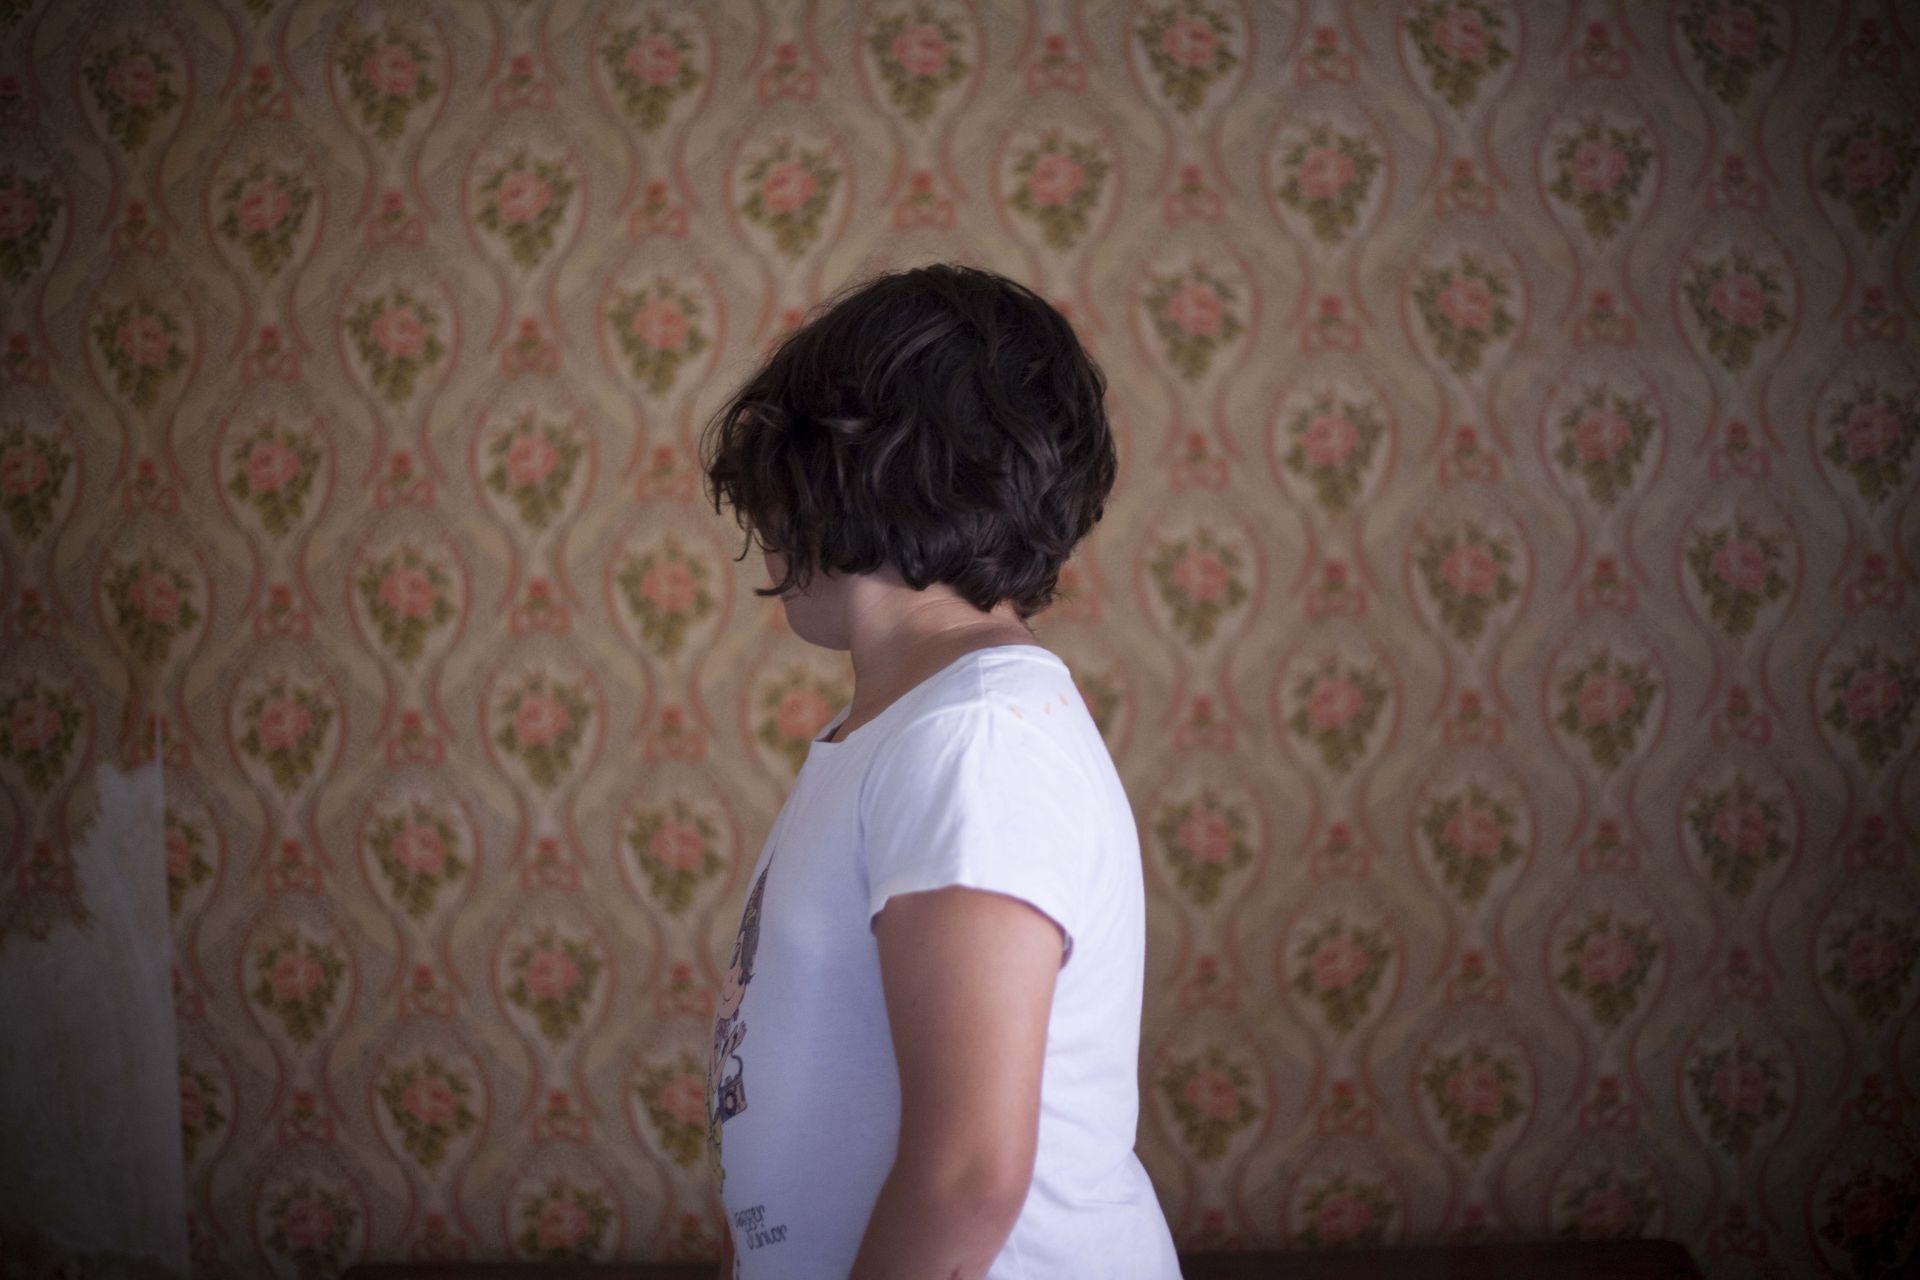 La desigualdad en España: dos niños iguales forzados a vivir un mundo distinto